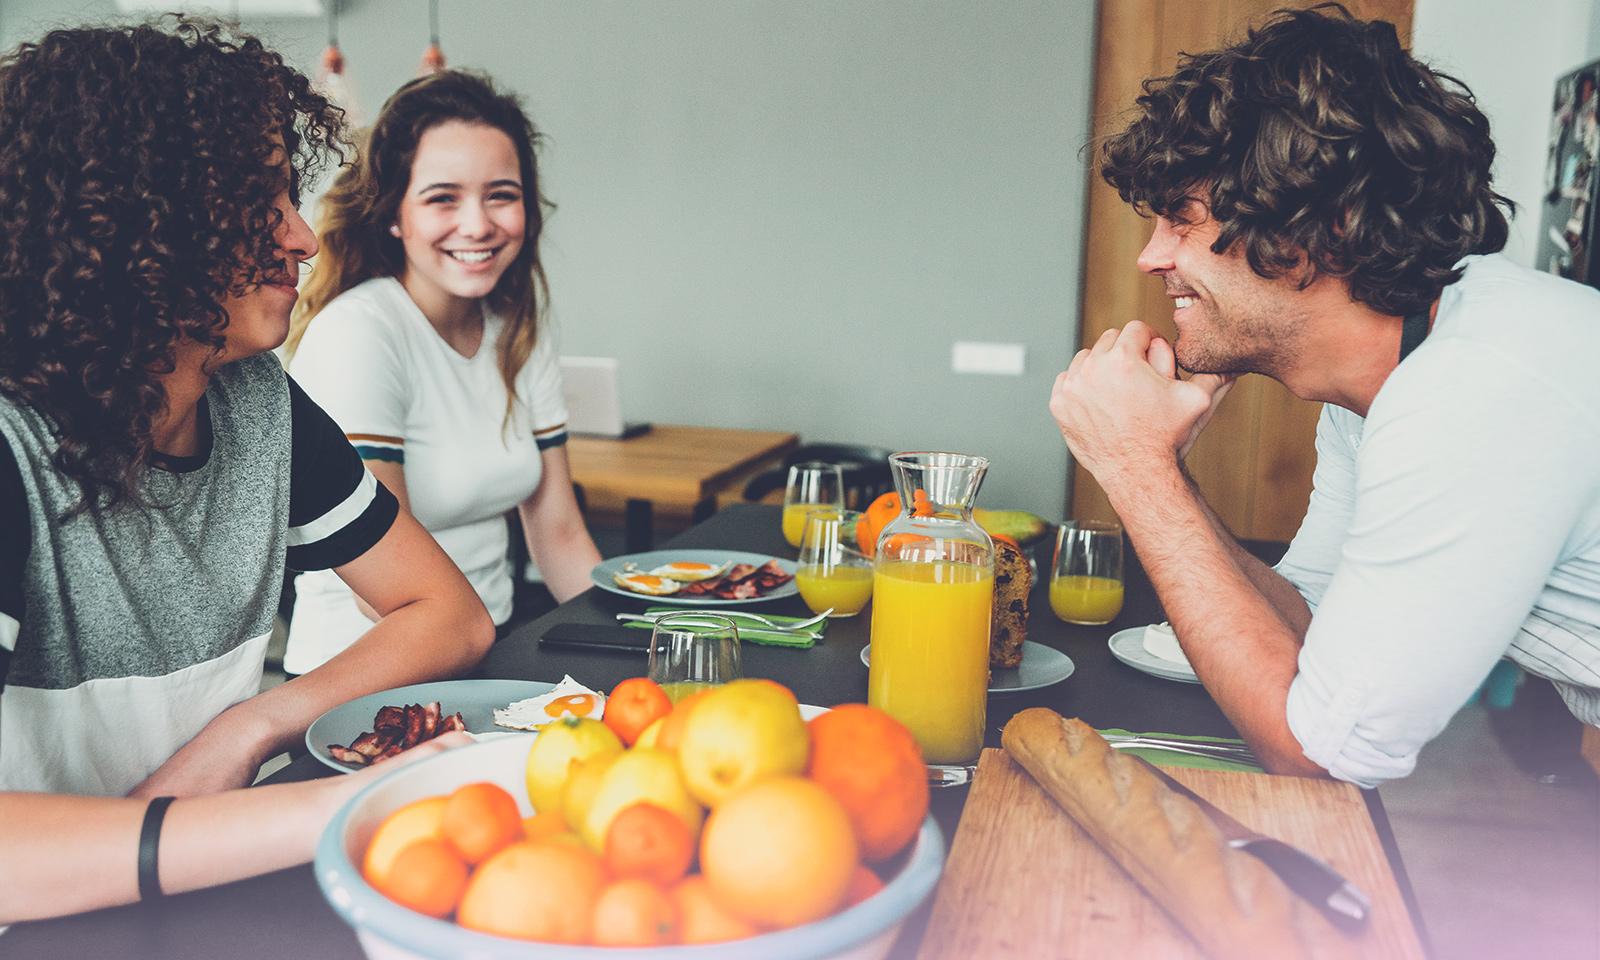 Vive les repas en famille… et sans écran!